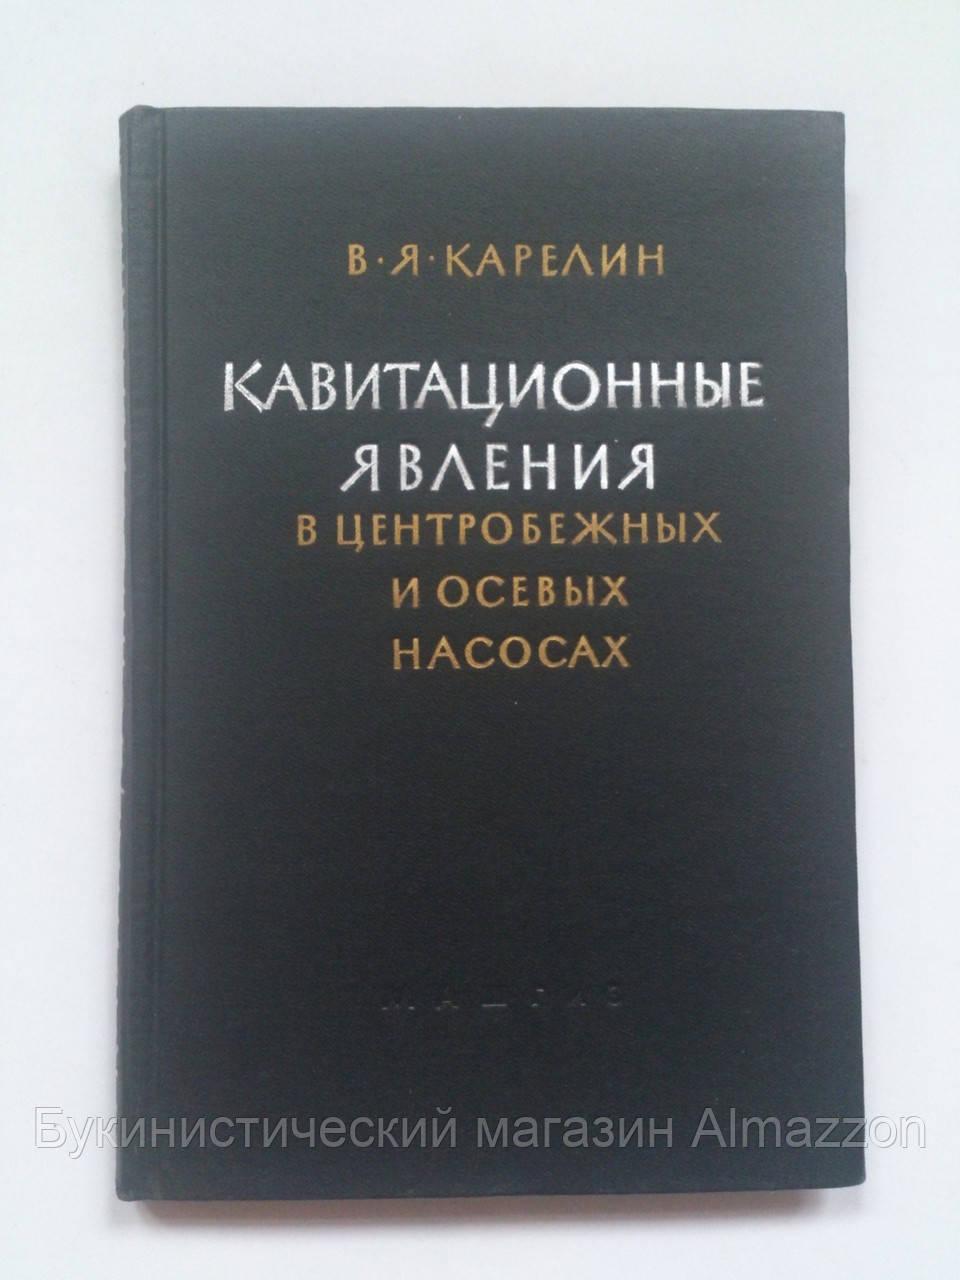 Карелин В.Я. Кавитационные явления в центробежных и осевых насосах